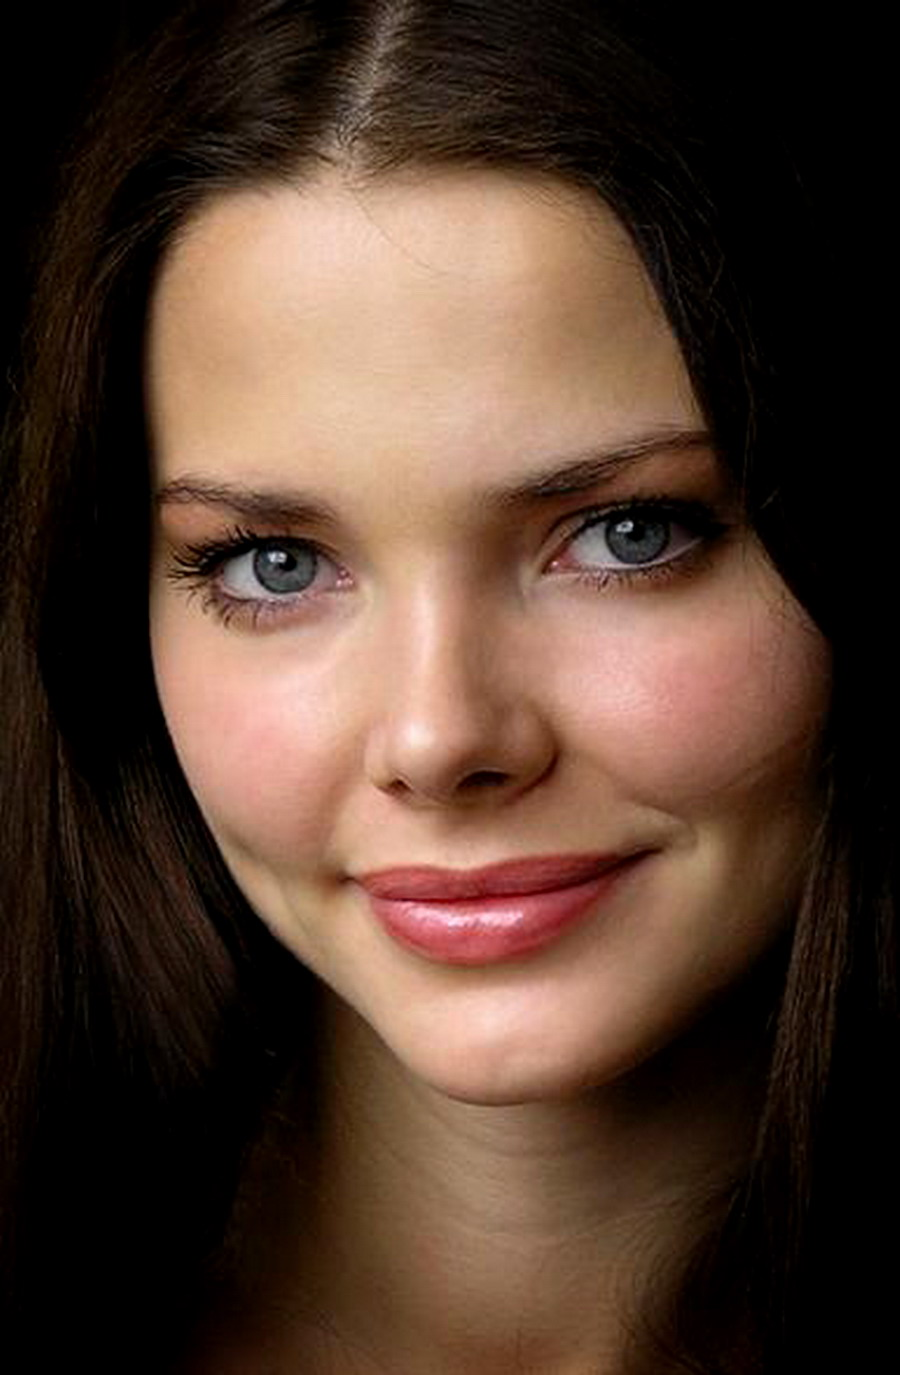 Елизавета Боярская демонстрирует себя голышом. Бесплатное онлайн видео и фото